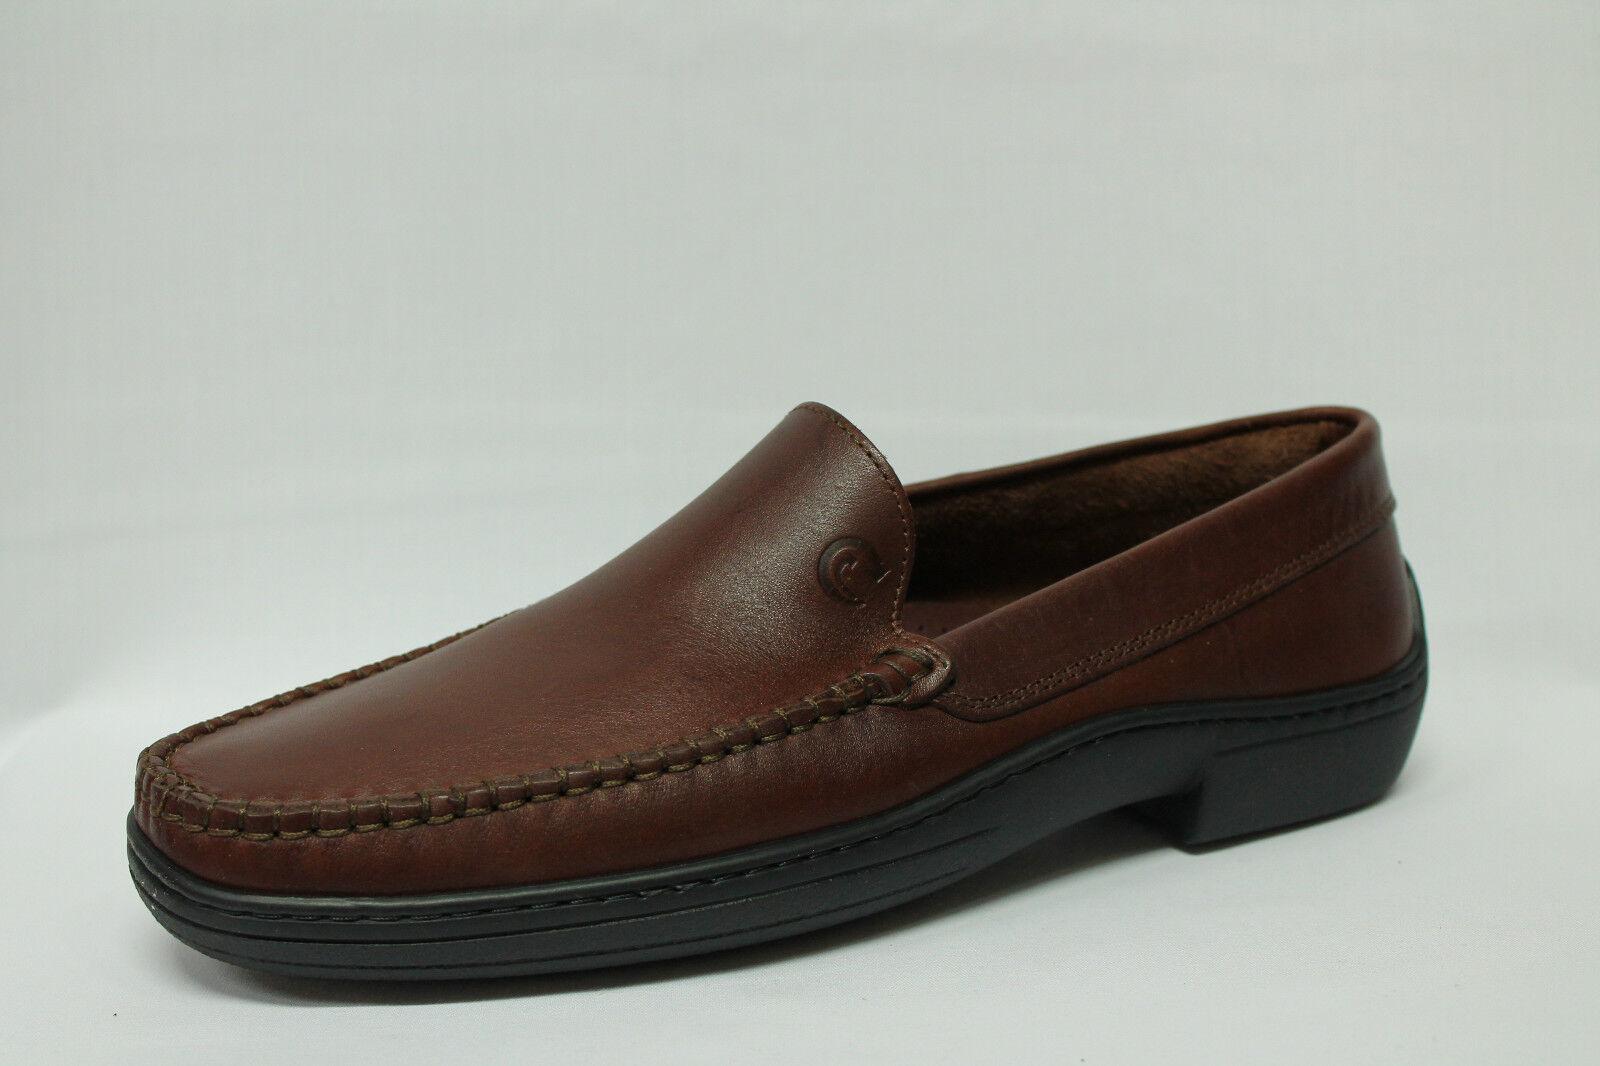 Mocassini Valleverde 11822 Aria Condizionata list119-20% marrone Made in Italy list119-20% Condizionata 394078